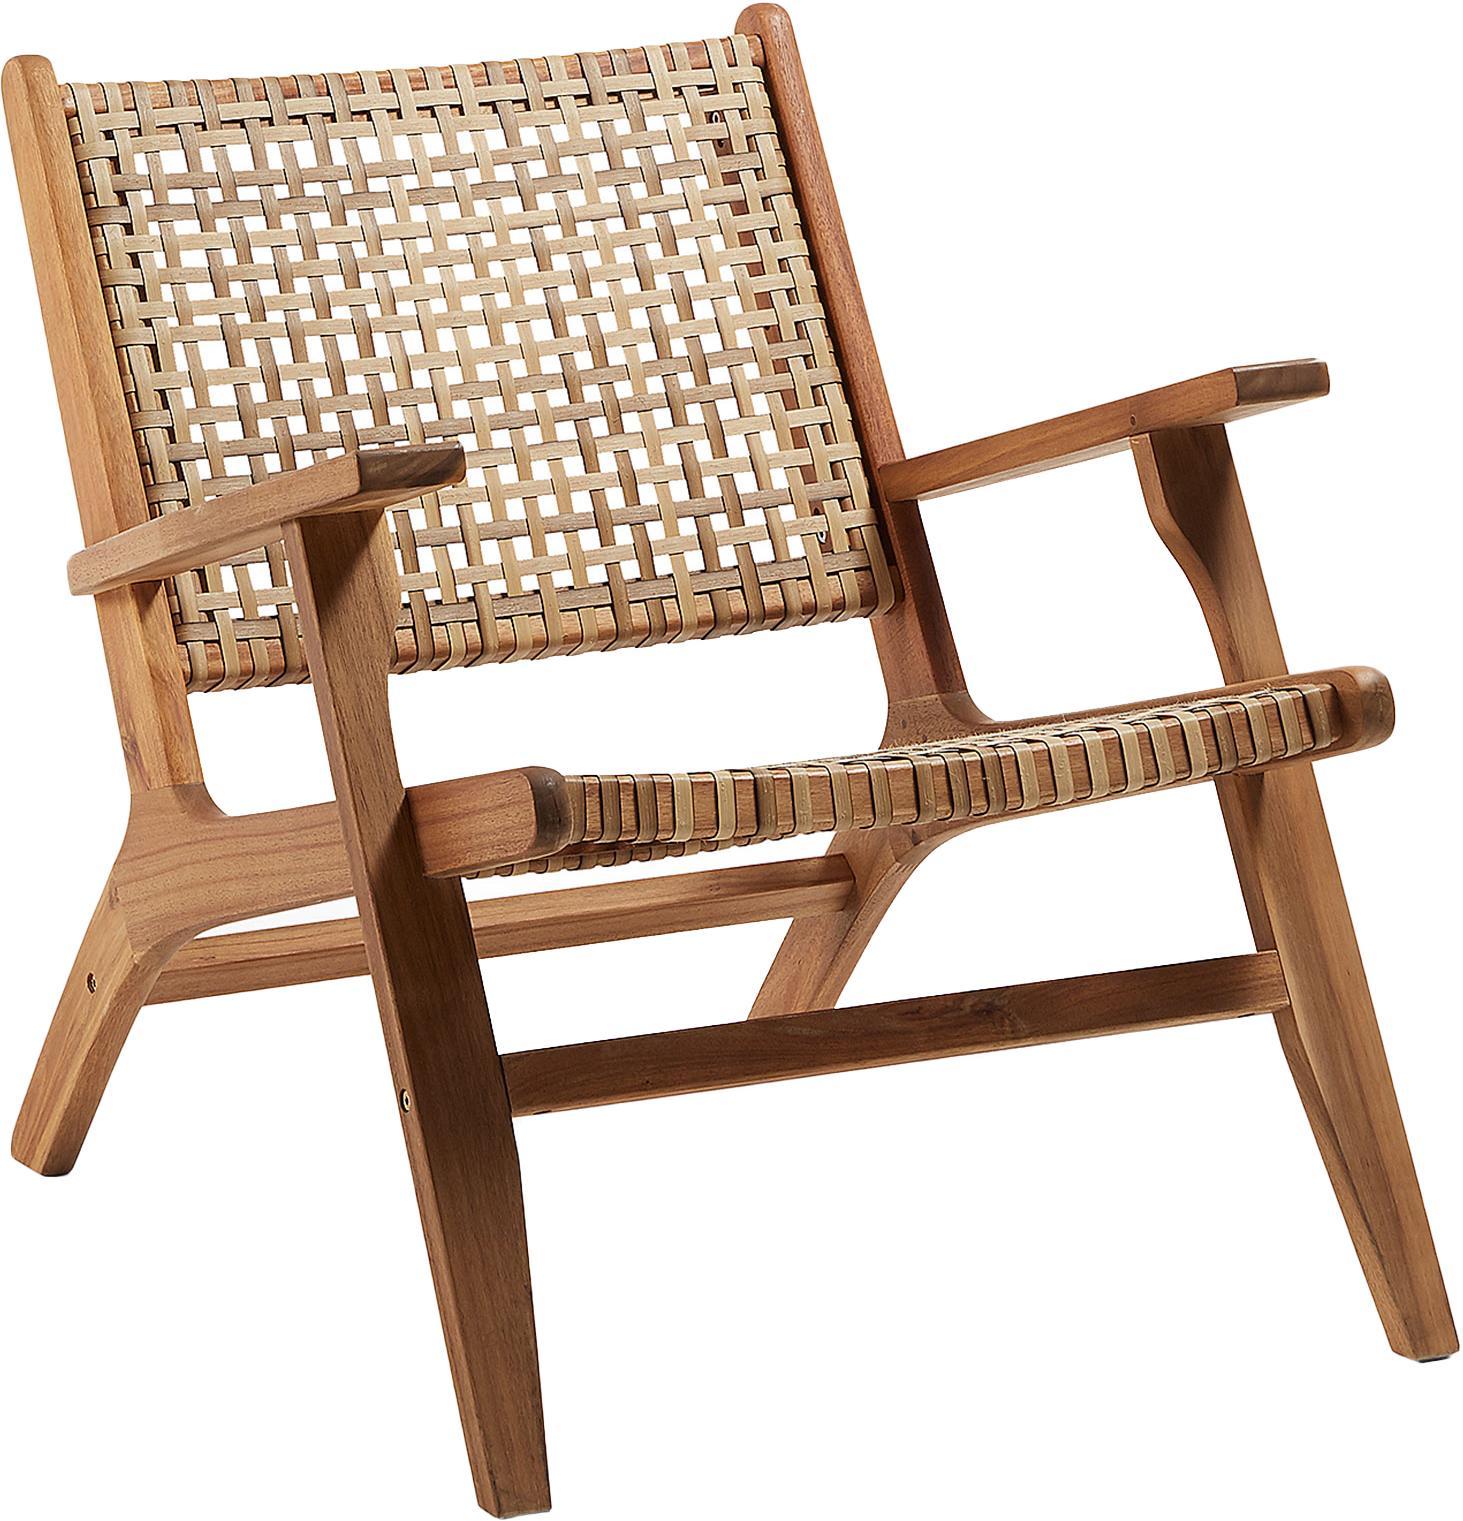 Fotel wypoczynkowy z rattanu Noon, Stelaż: lite drewno akacjowe, Drewno akacjowe, beżowy, S 68 x G 80 cm